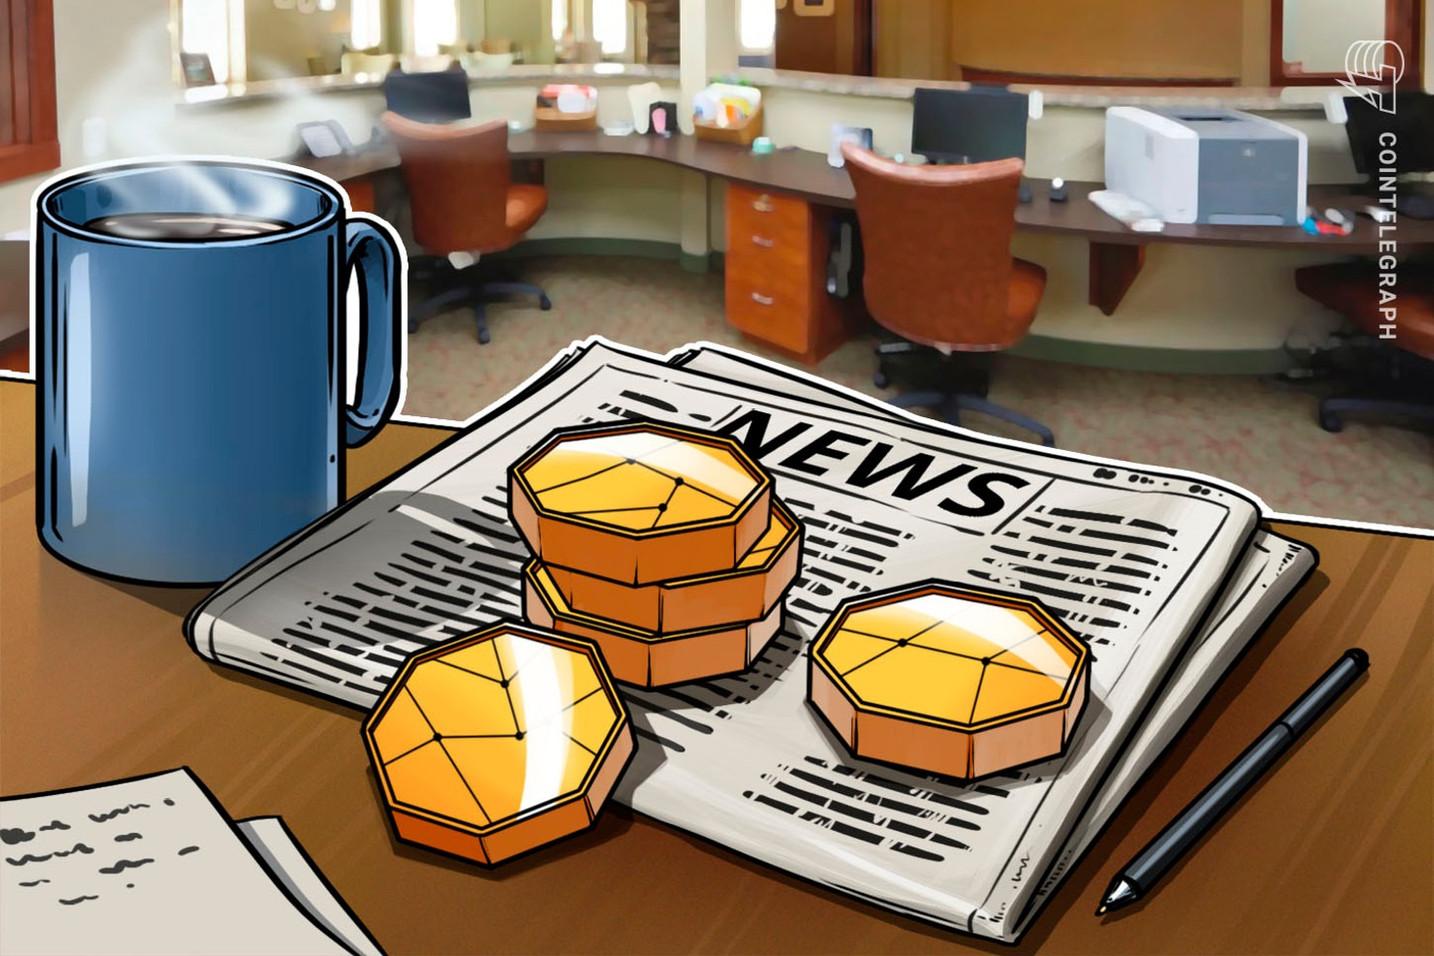 仮想通貨取引所ビットポイント、日本で初めてTRXを上場へ